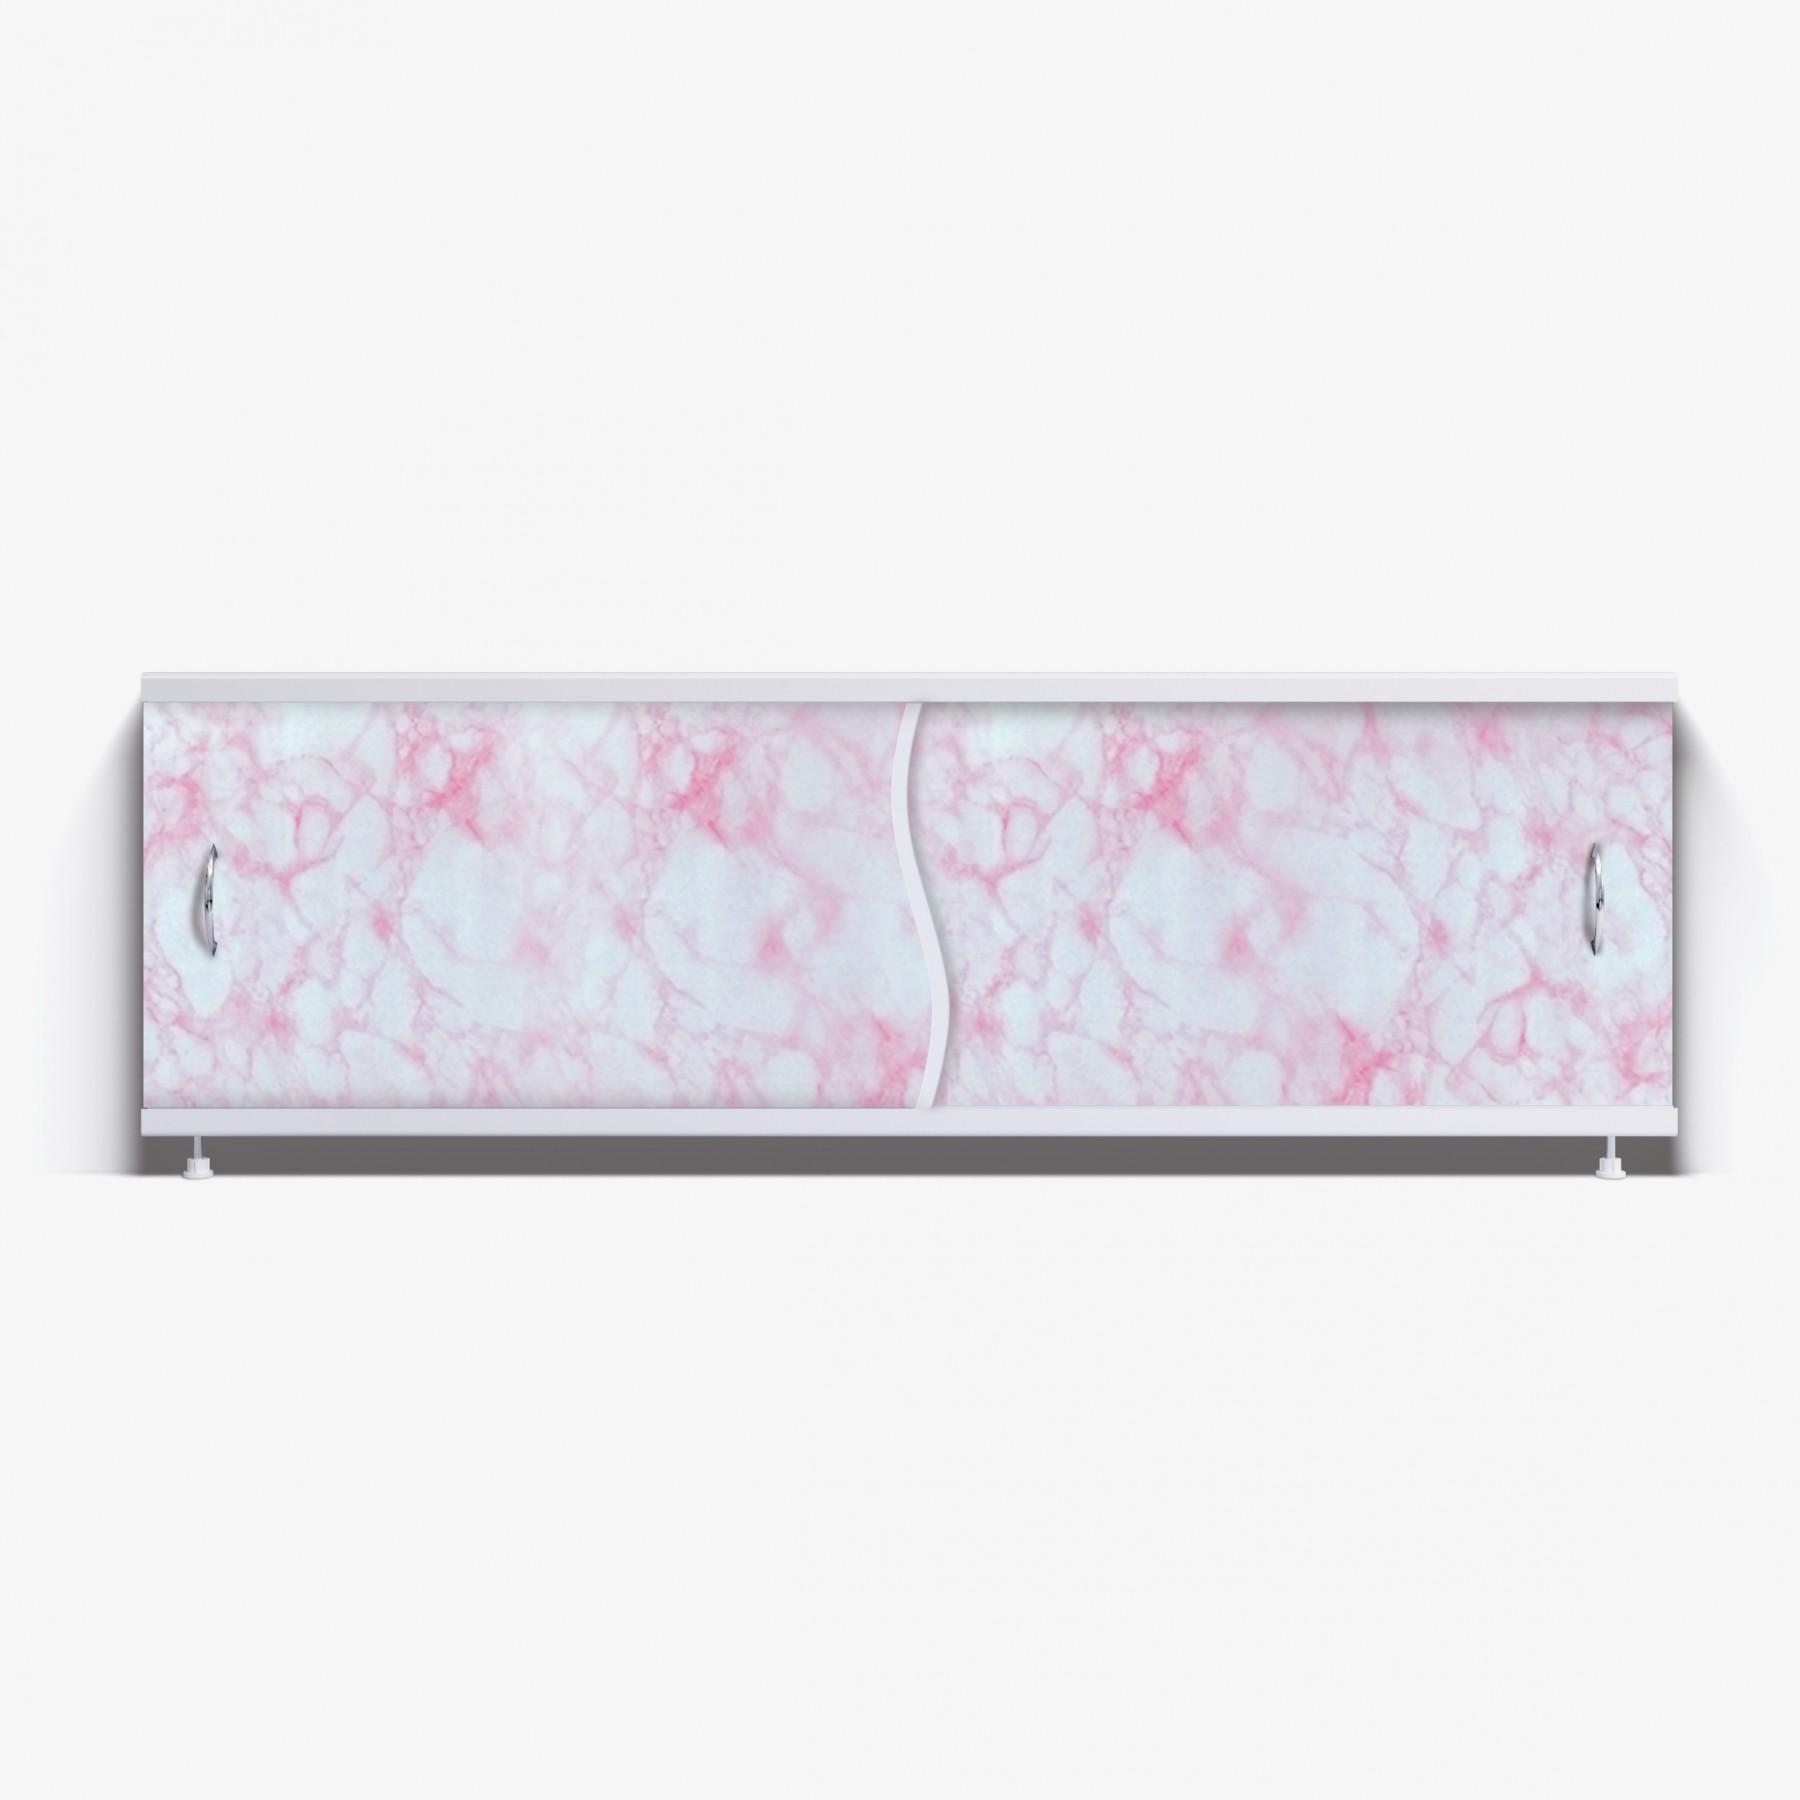 Экран под ванну Премьер 170 нежно-розовый мрамор